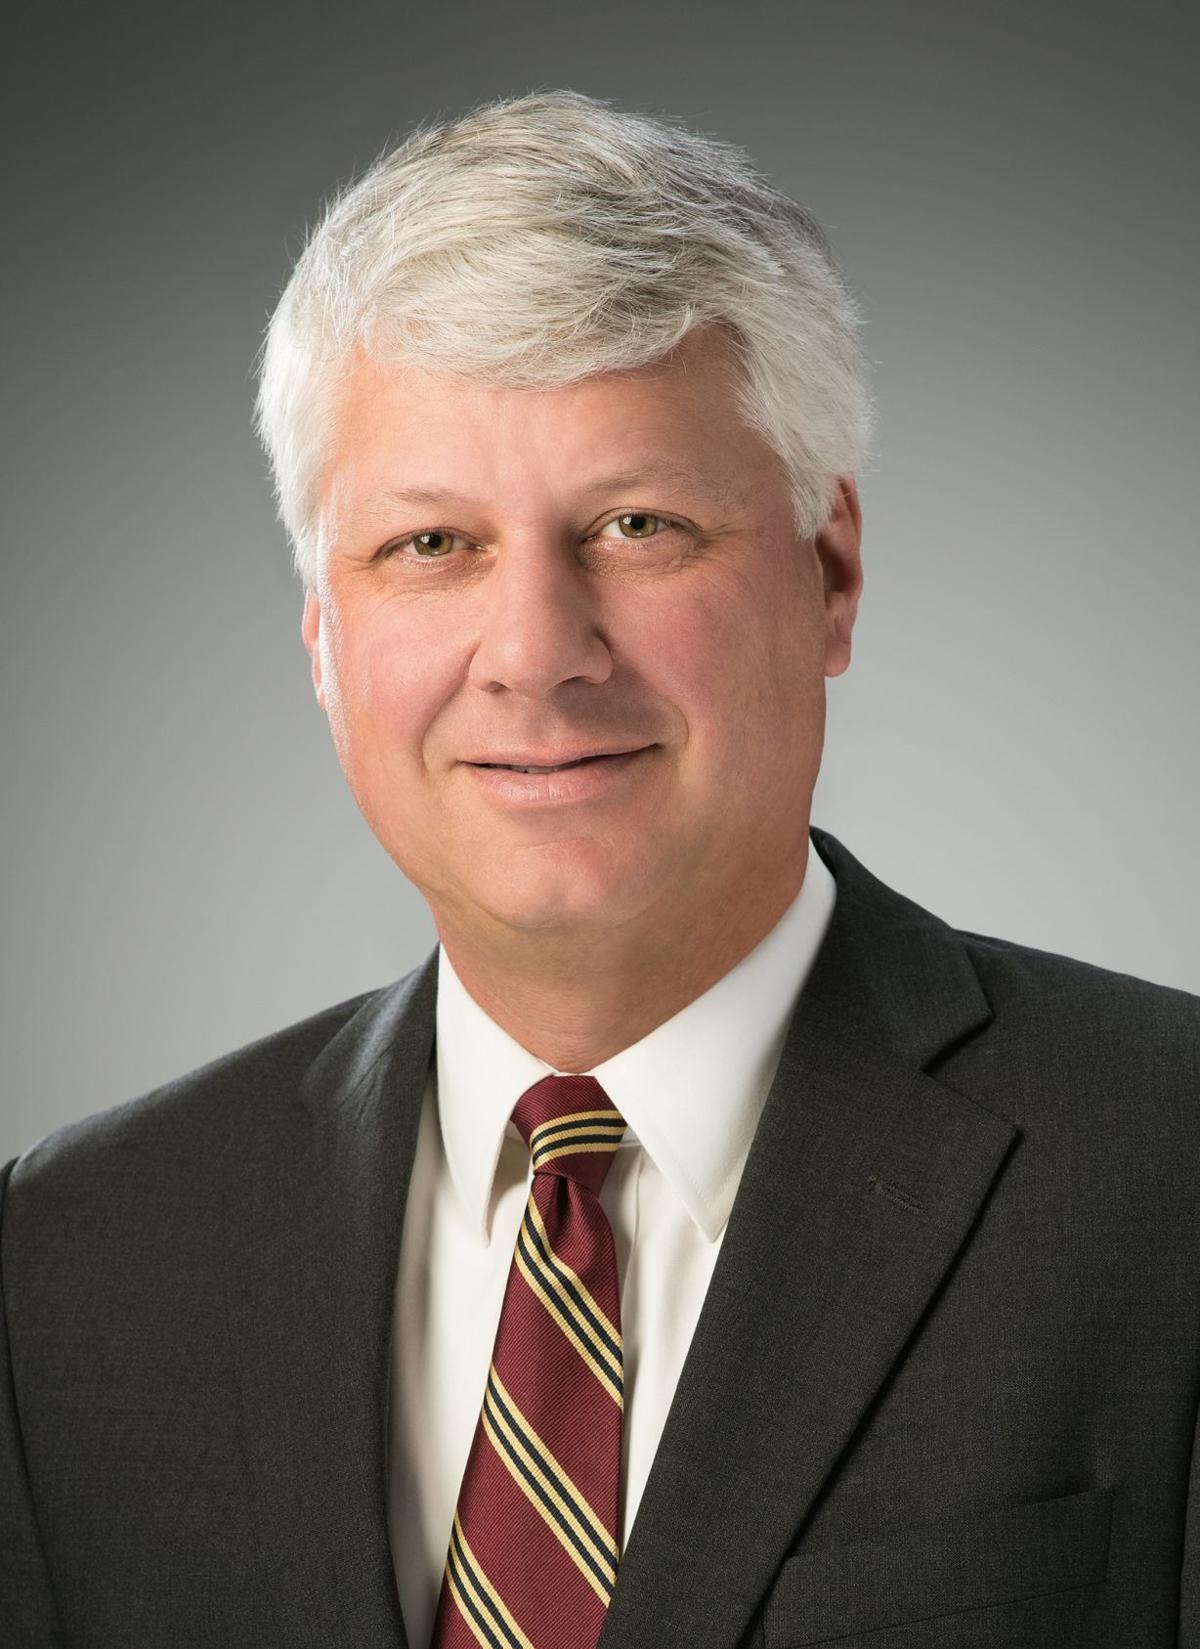 William Quantz